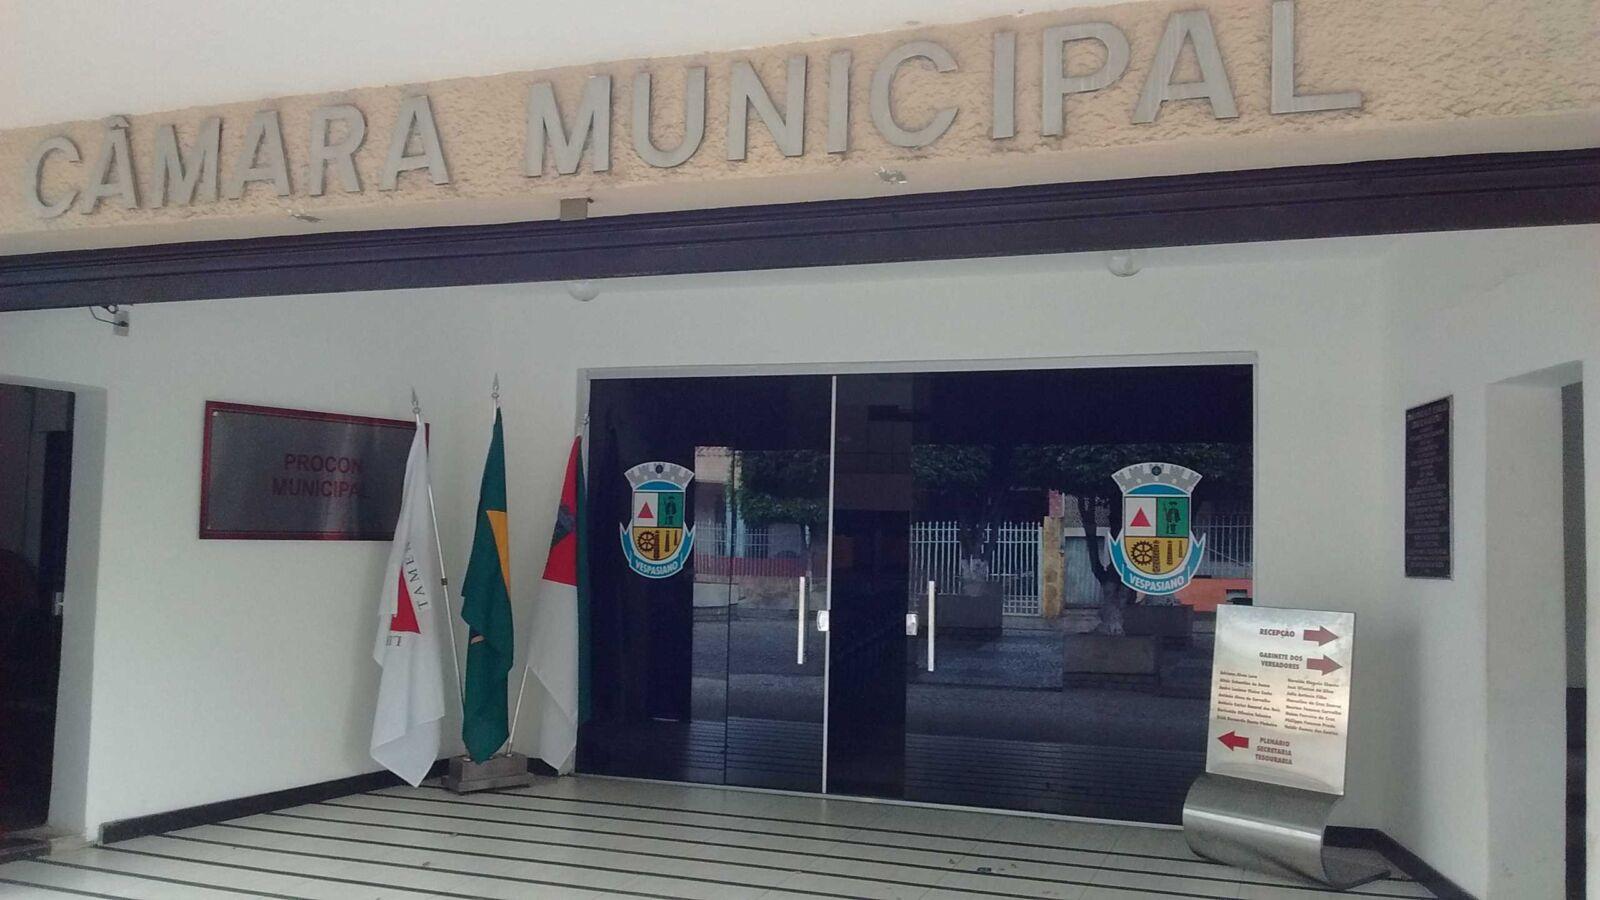 Câmara Municipal de Vespasiano fecha amanhã para higienização do prédio, após aumento de casos de Covid-19 no município